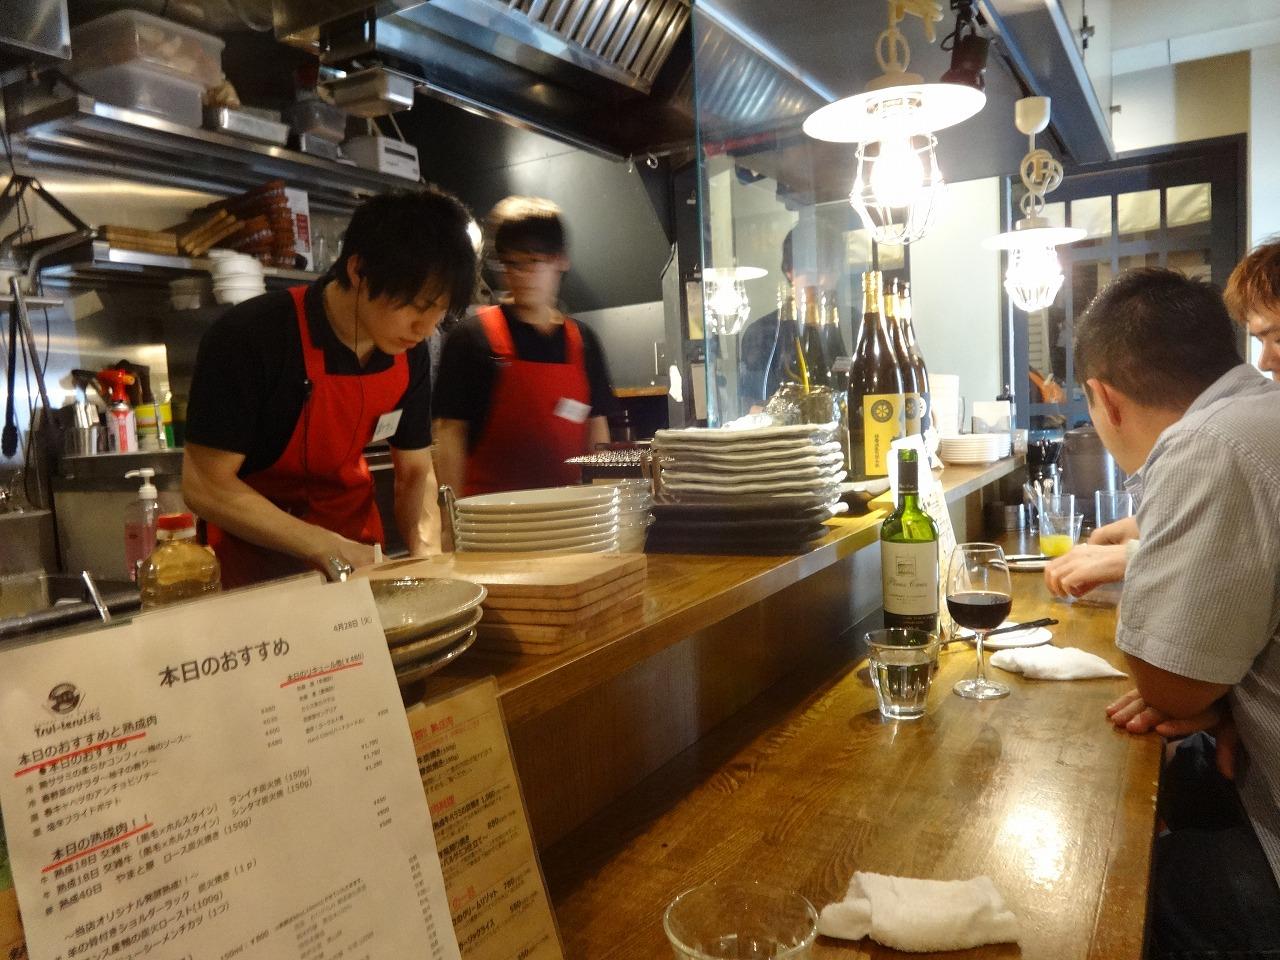 昨日、中野で熟成肉→80'Sバー→朝霞台スポーツカフェ_d0061678_20242352.jpg